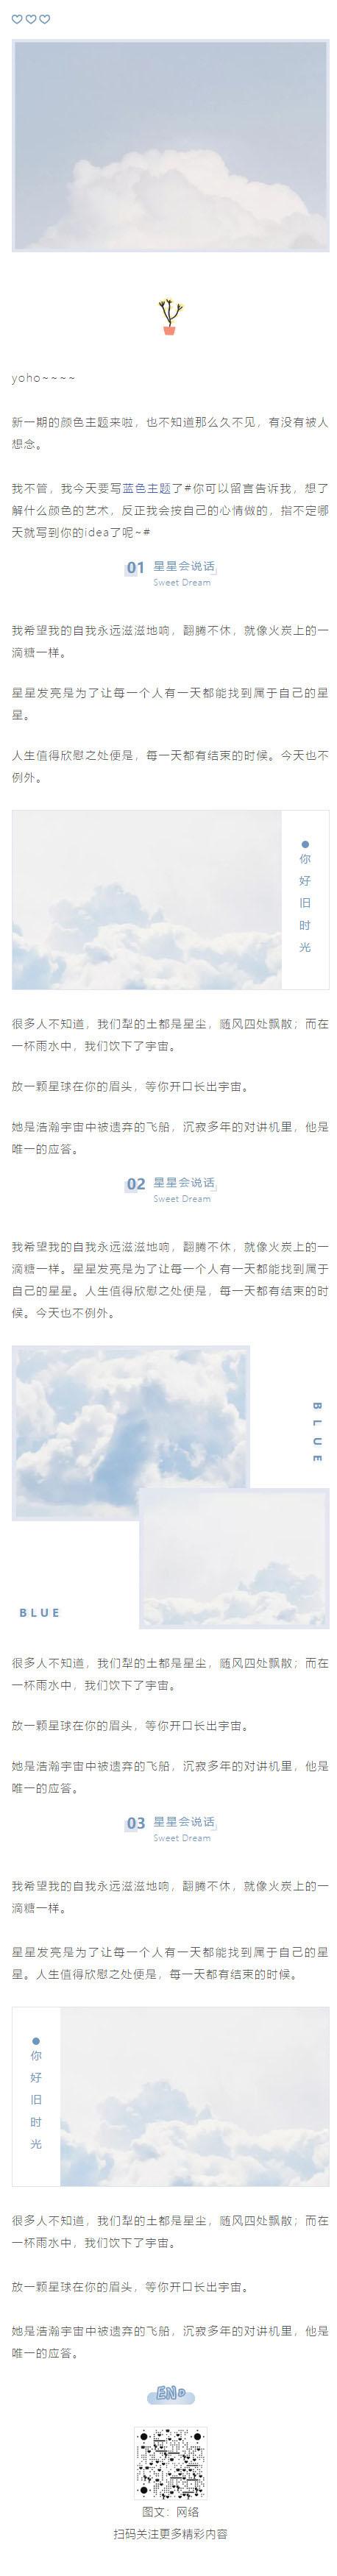 蓝色清新简约风格微信公众号图文模板夏天夏日推文素材